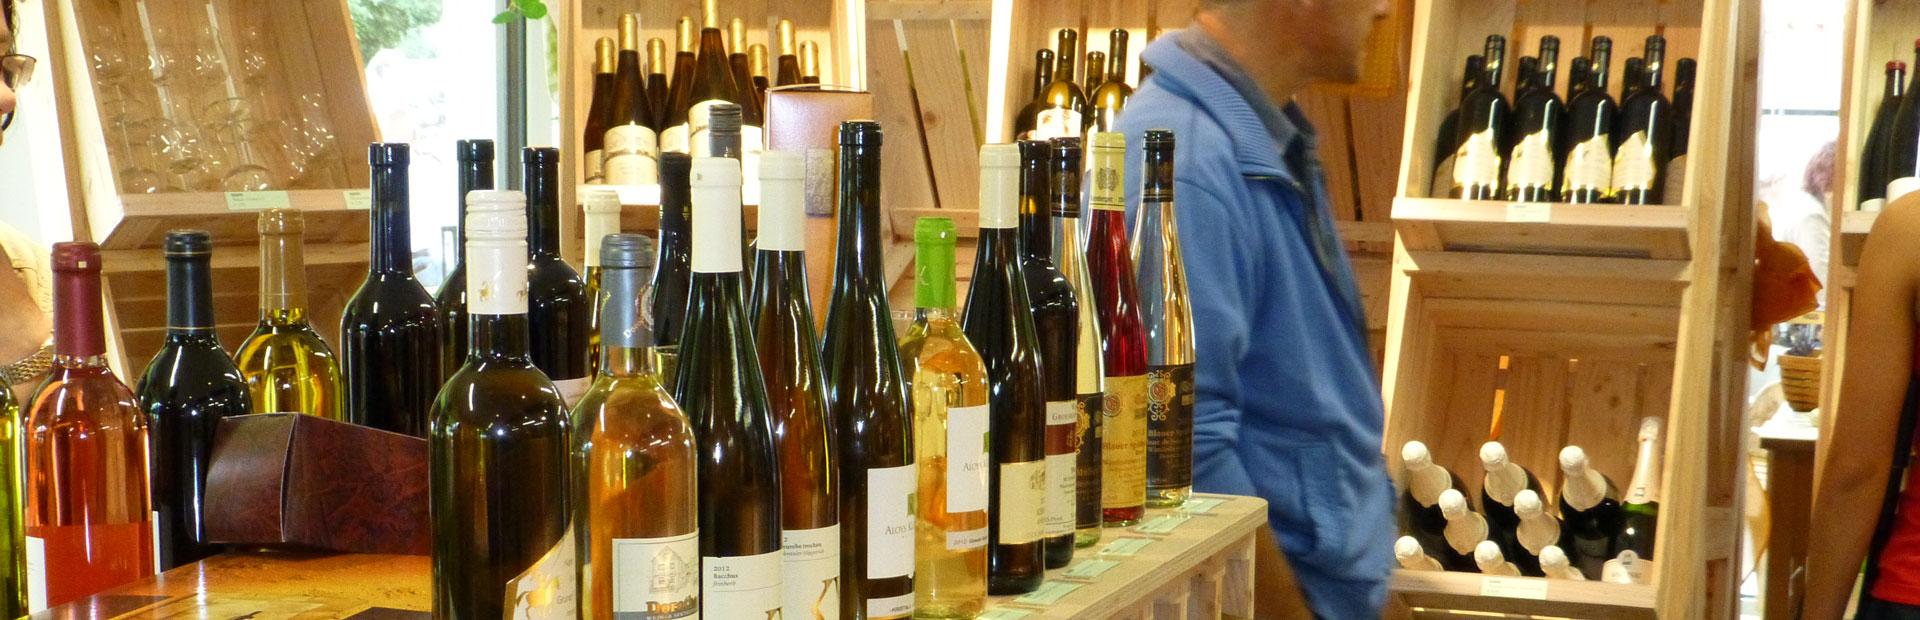 Wein und Getränke Gulina Guldental